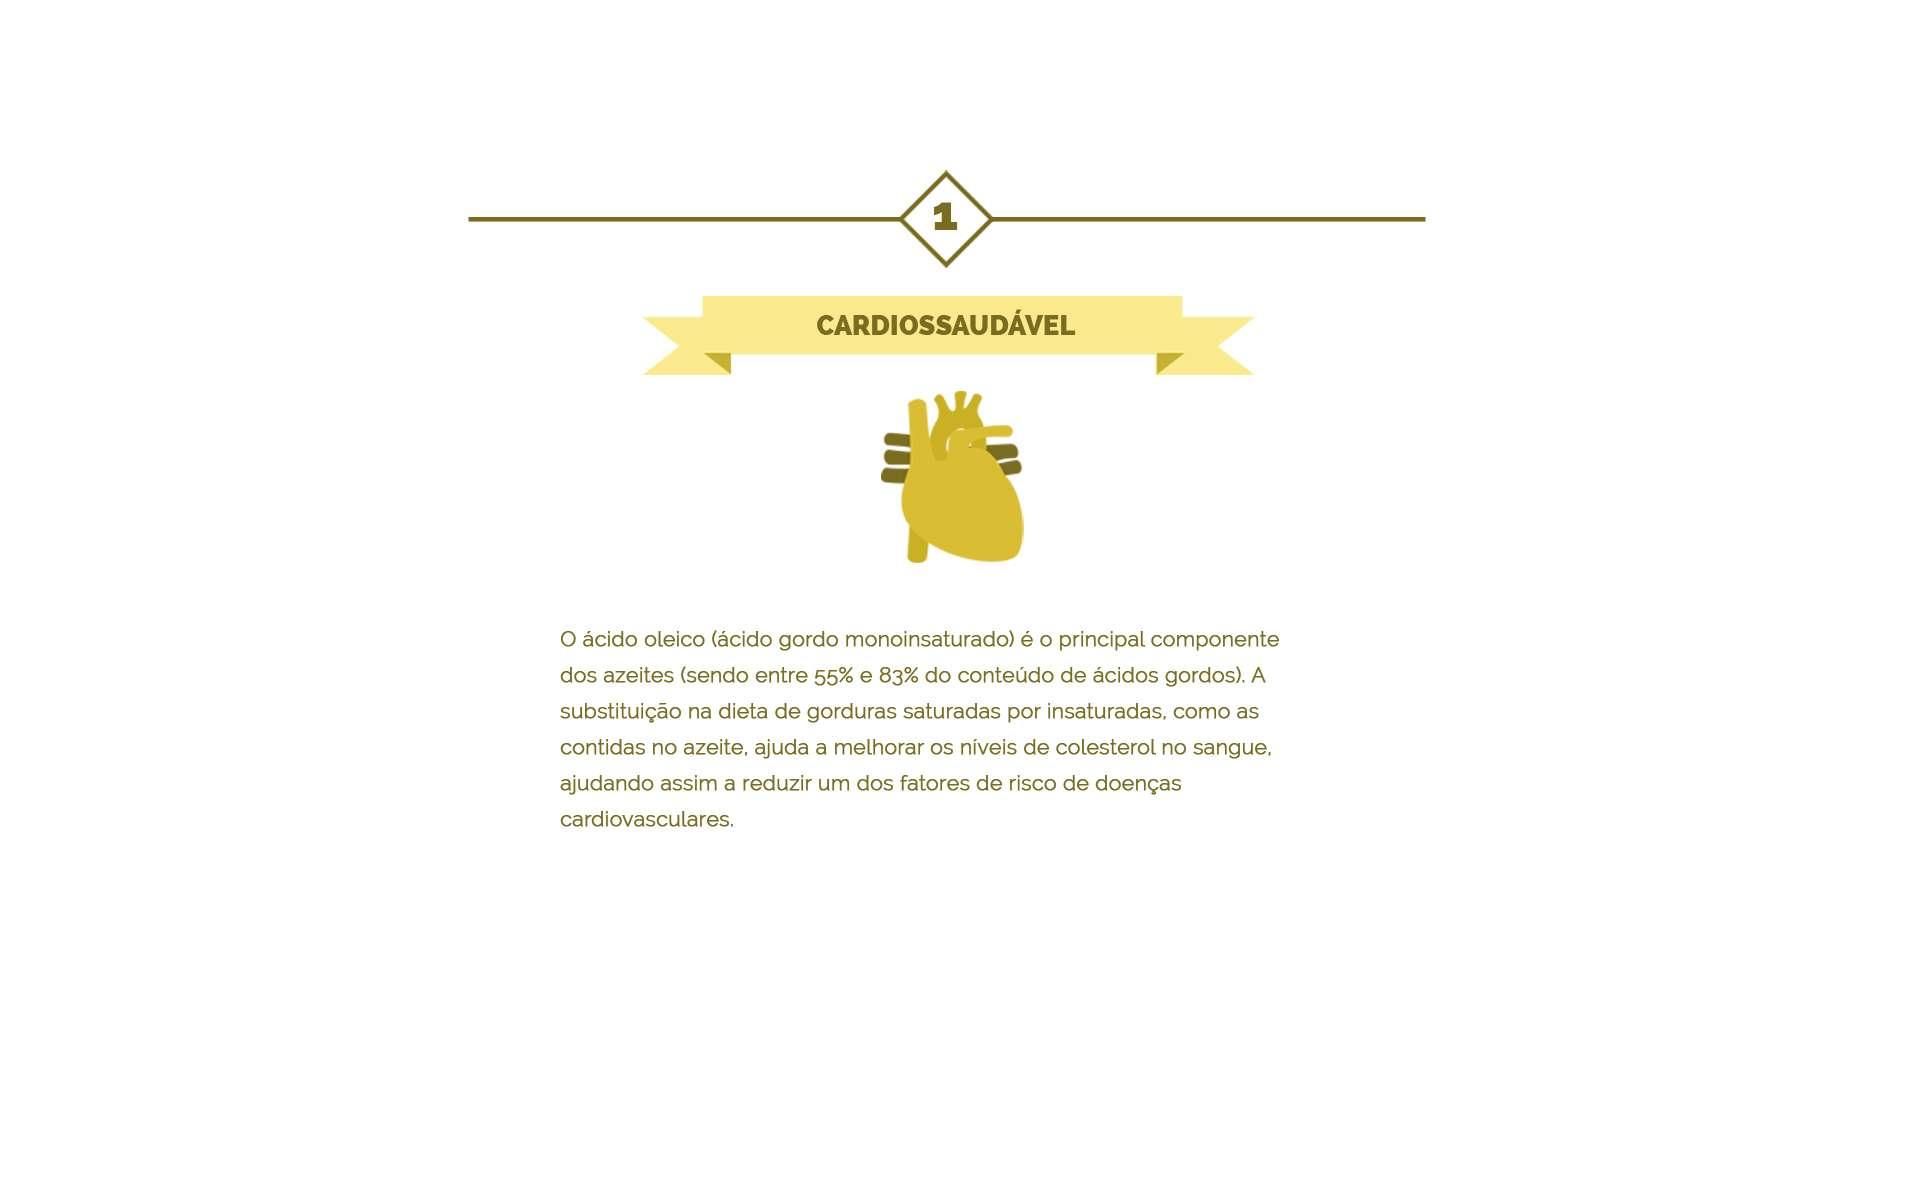 ácido oleico, componente do azeite de oliva